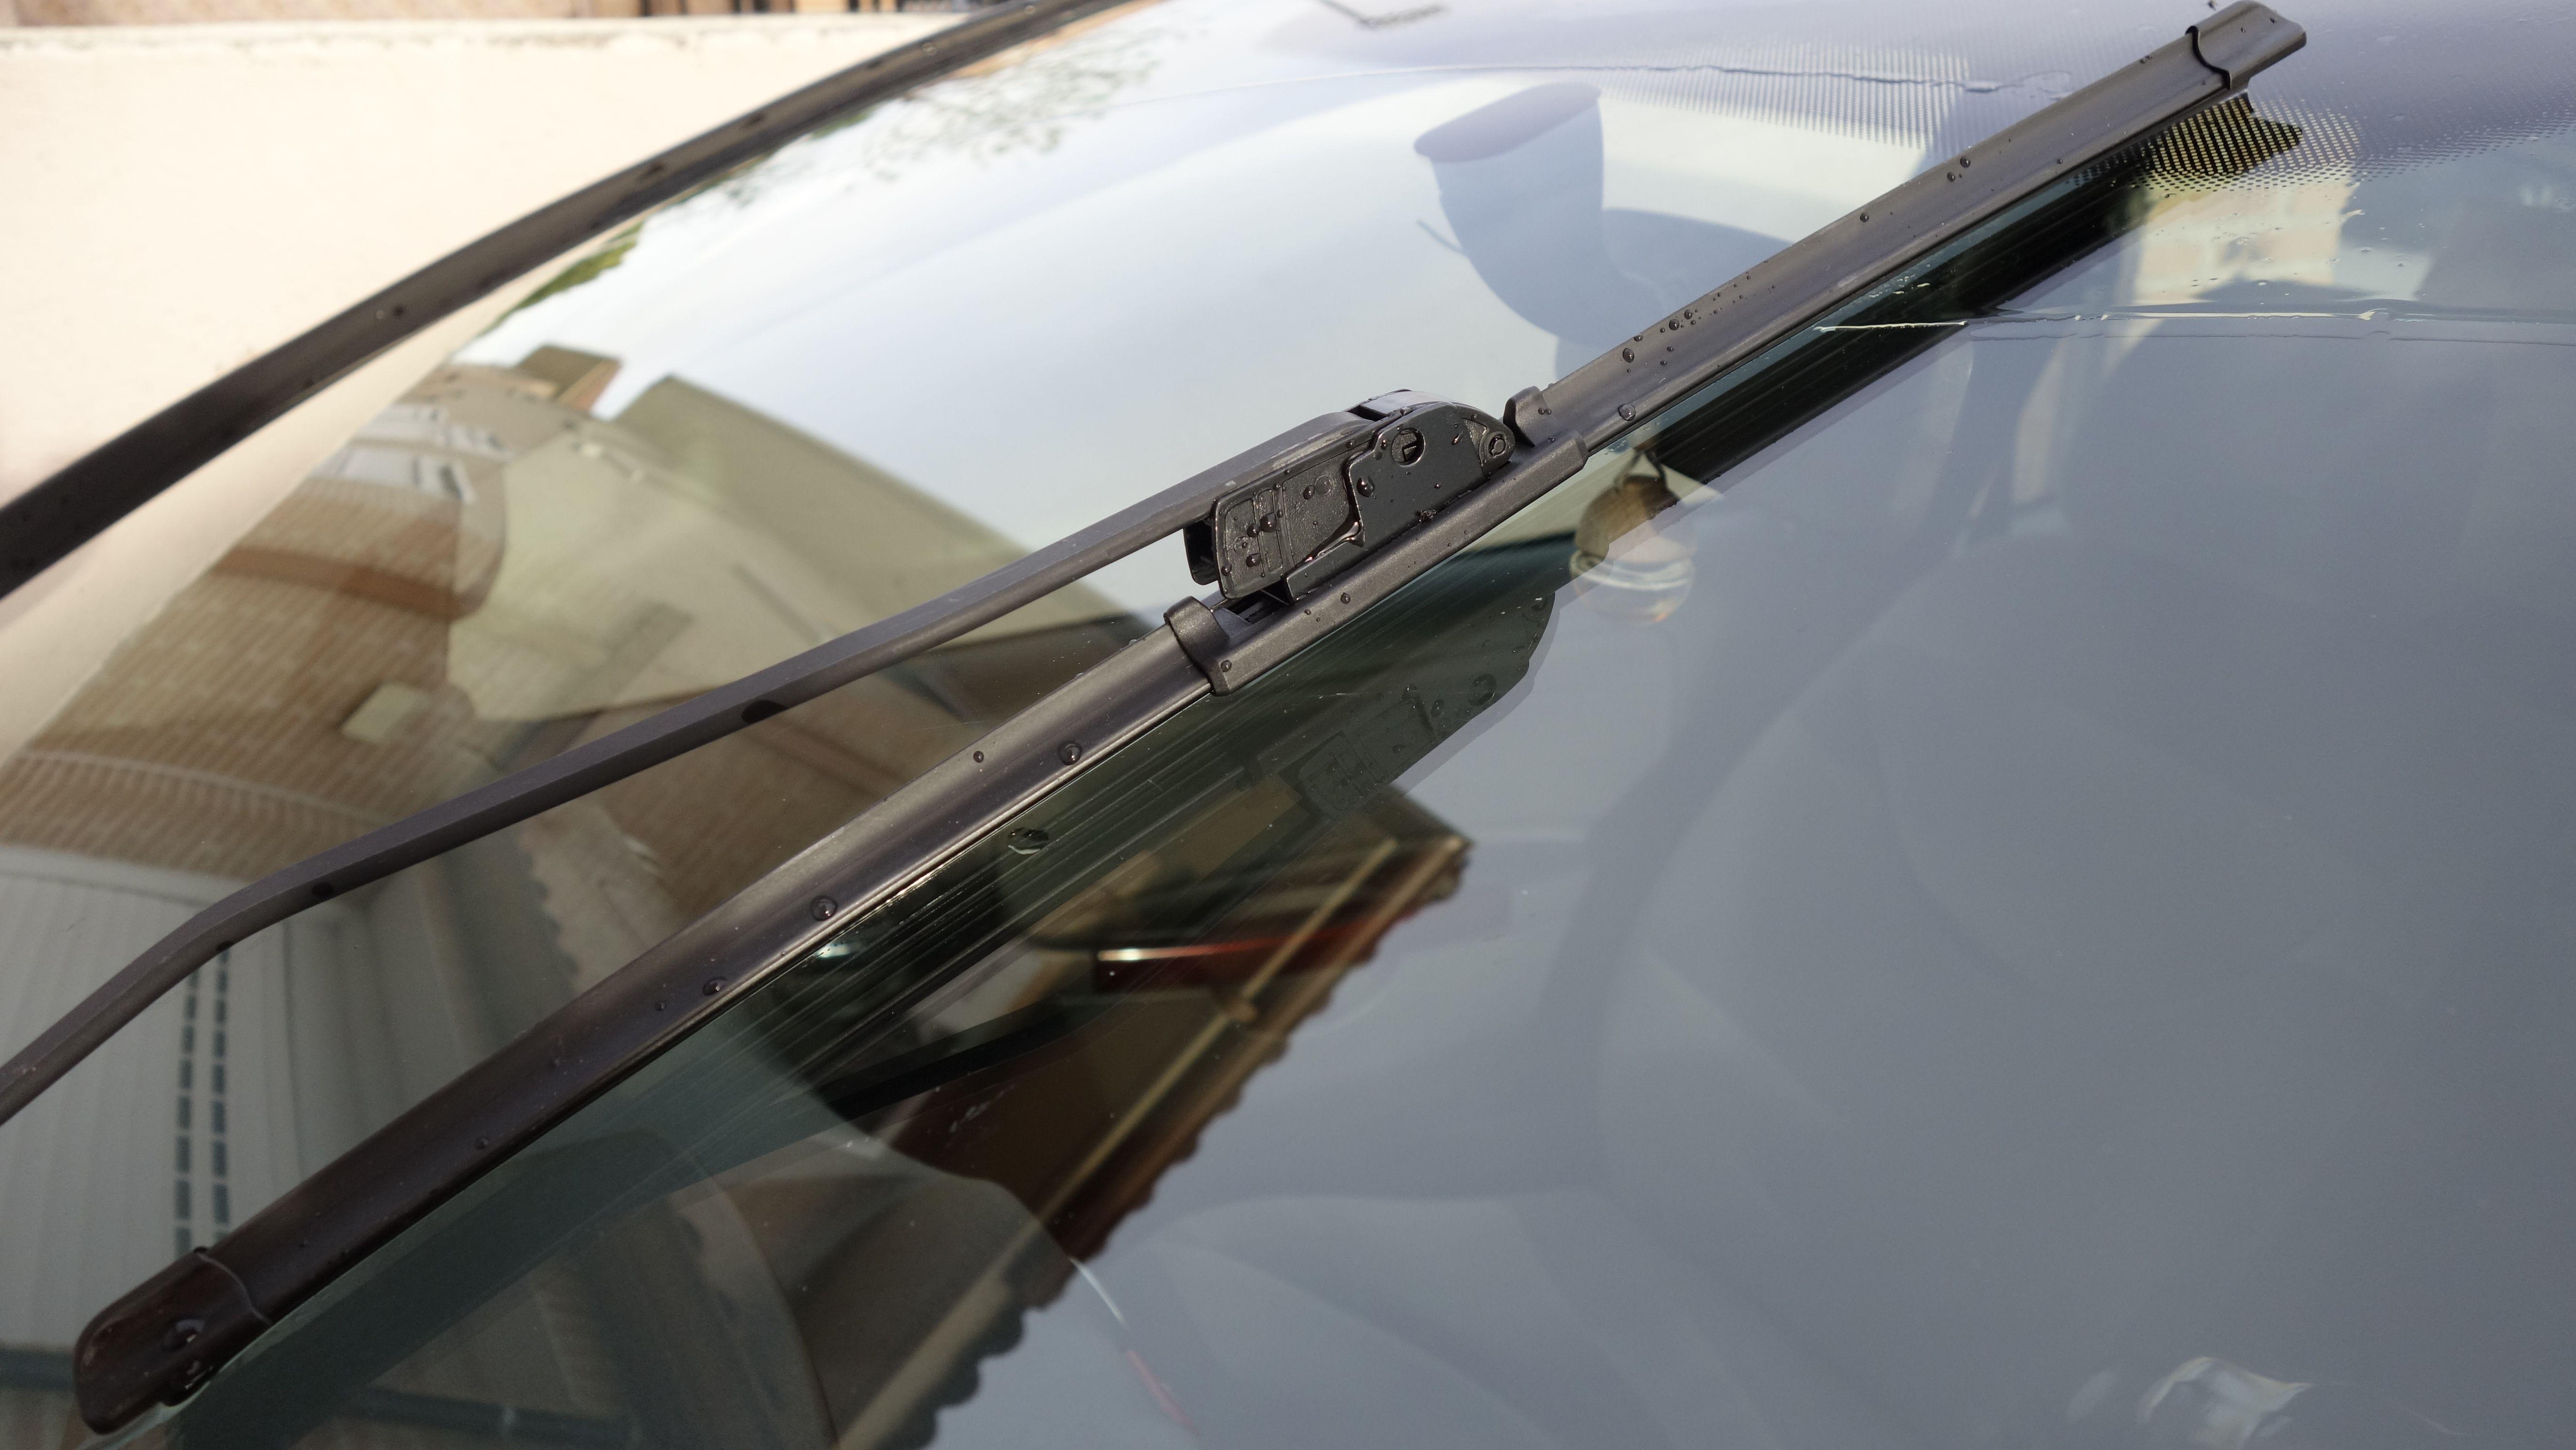 Escobillas Limpiaparabrisas Multifuncional Con 11 Adaptadores Para Un 99 9 De Los Coches Explorer Soft Wiper Blade Wb Escobillas Coches Tienda De Accesorios